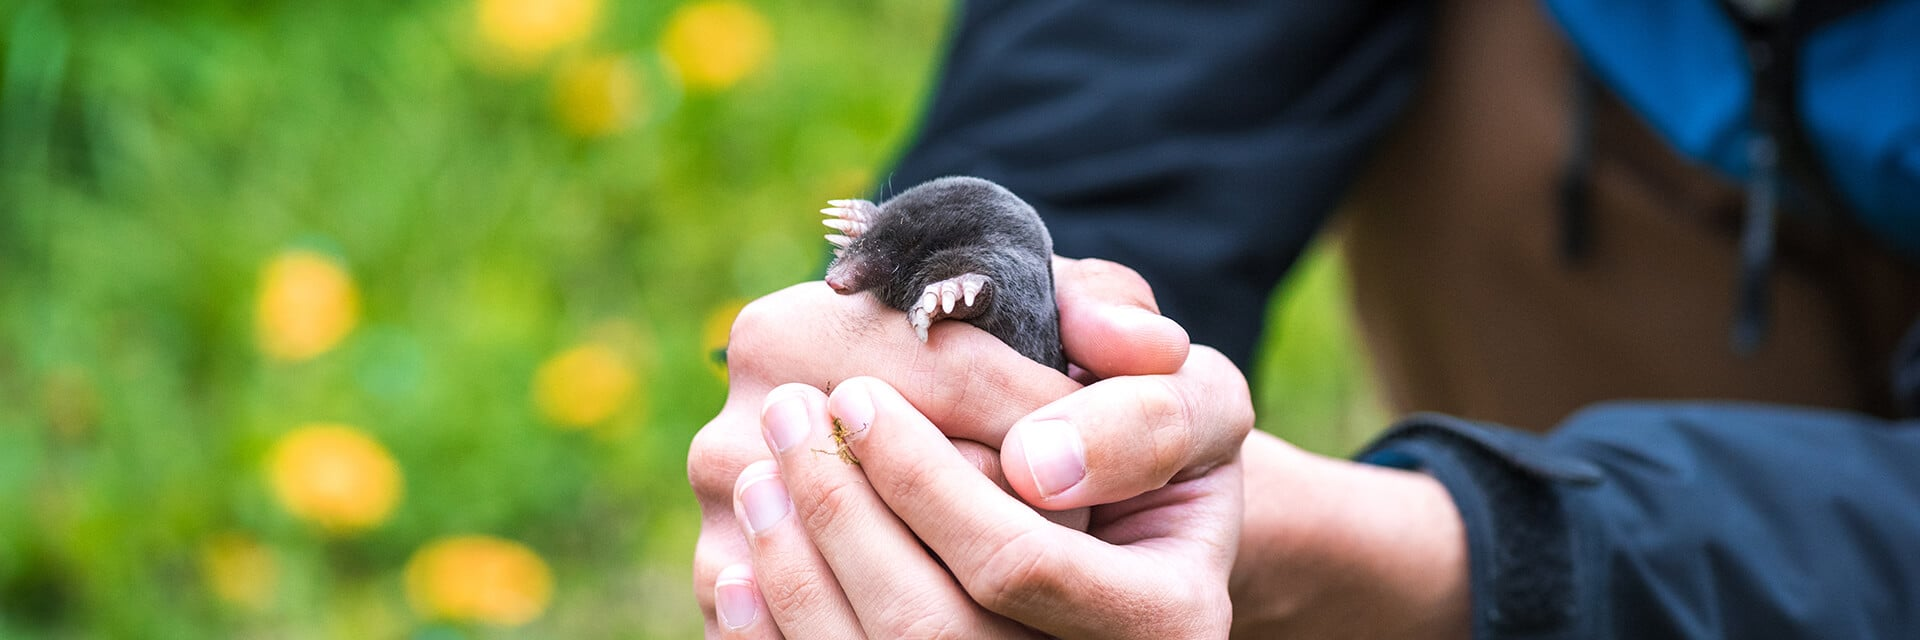 Man holding a mole in a flower garden